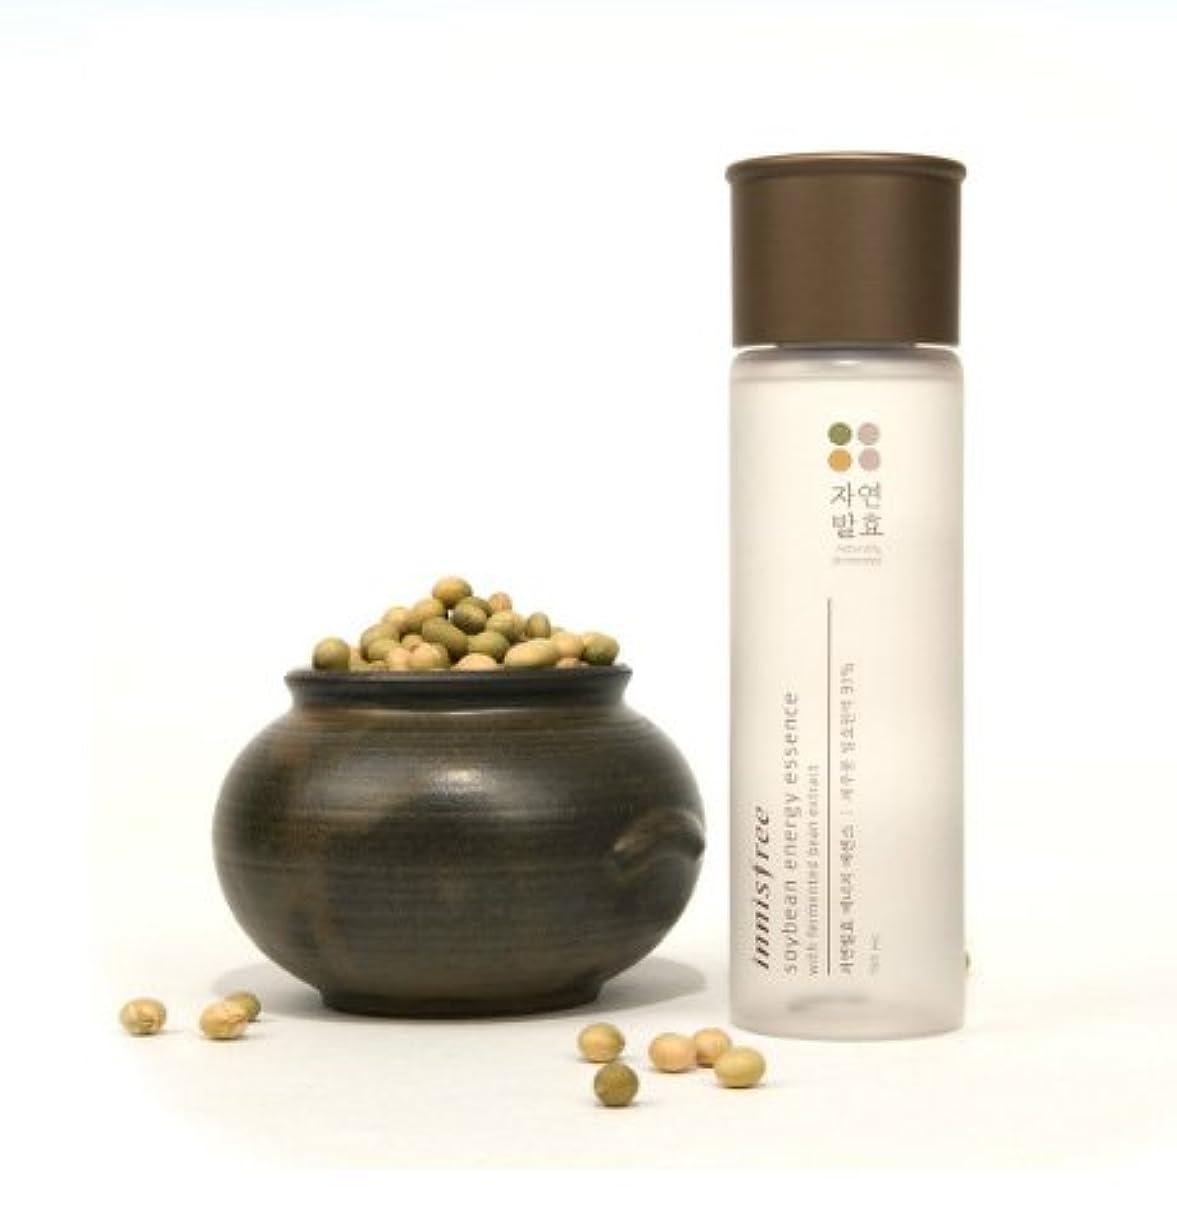 あからさまコンサートふくろう(Innisfree イニスフリー) Soybean energy essence 自然発酵 エナジー エッセンス 美容液 肌のバリア機能を強化し、健やかでパワーあふれる肌へ導くトータルケアブースター美容液